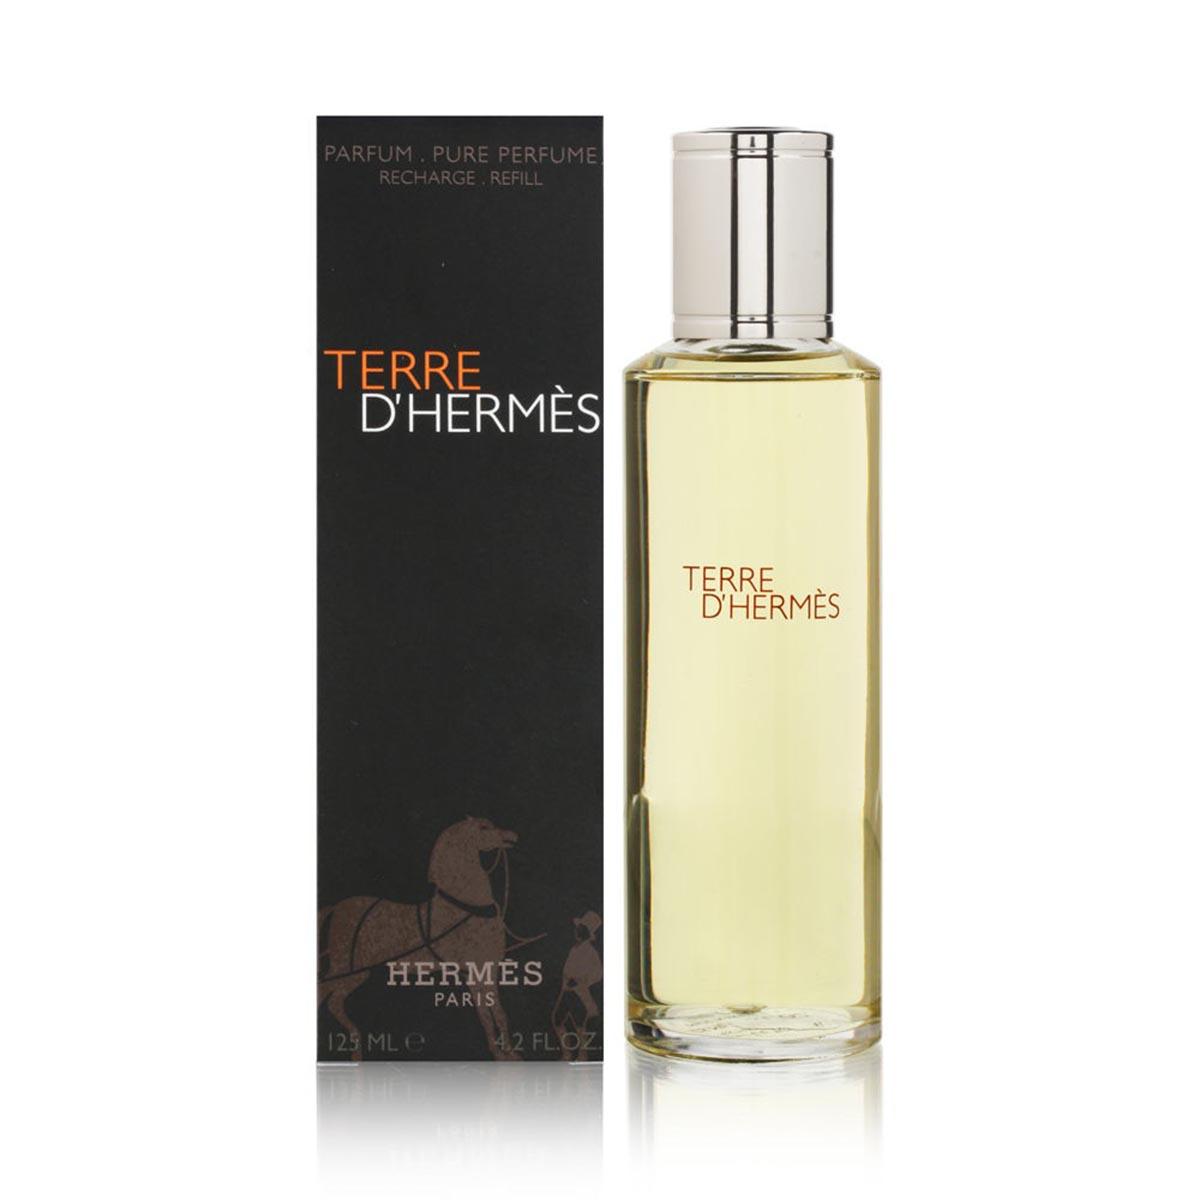 Hermes terre d hermes parfum refill 125ml